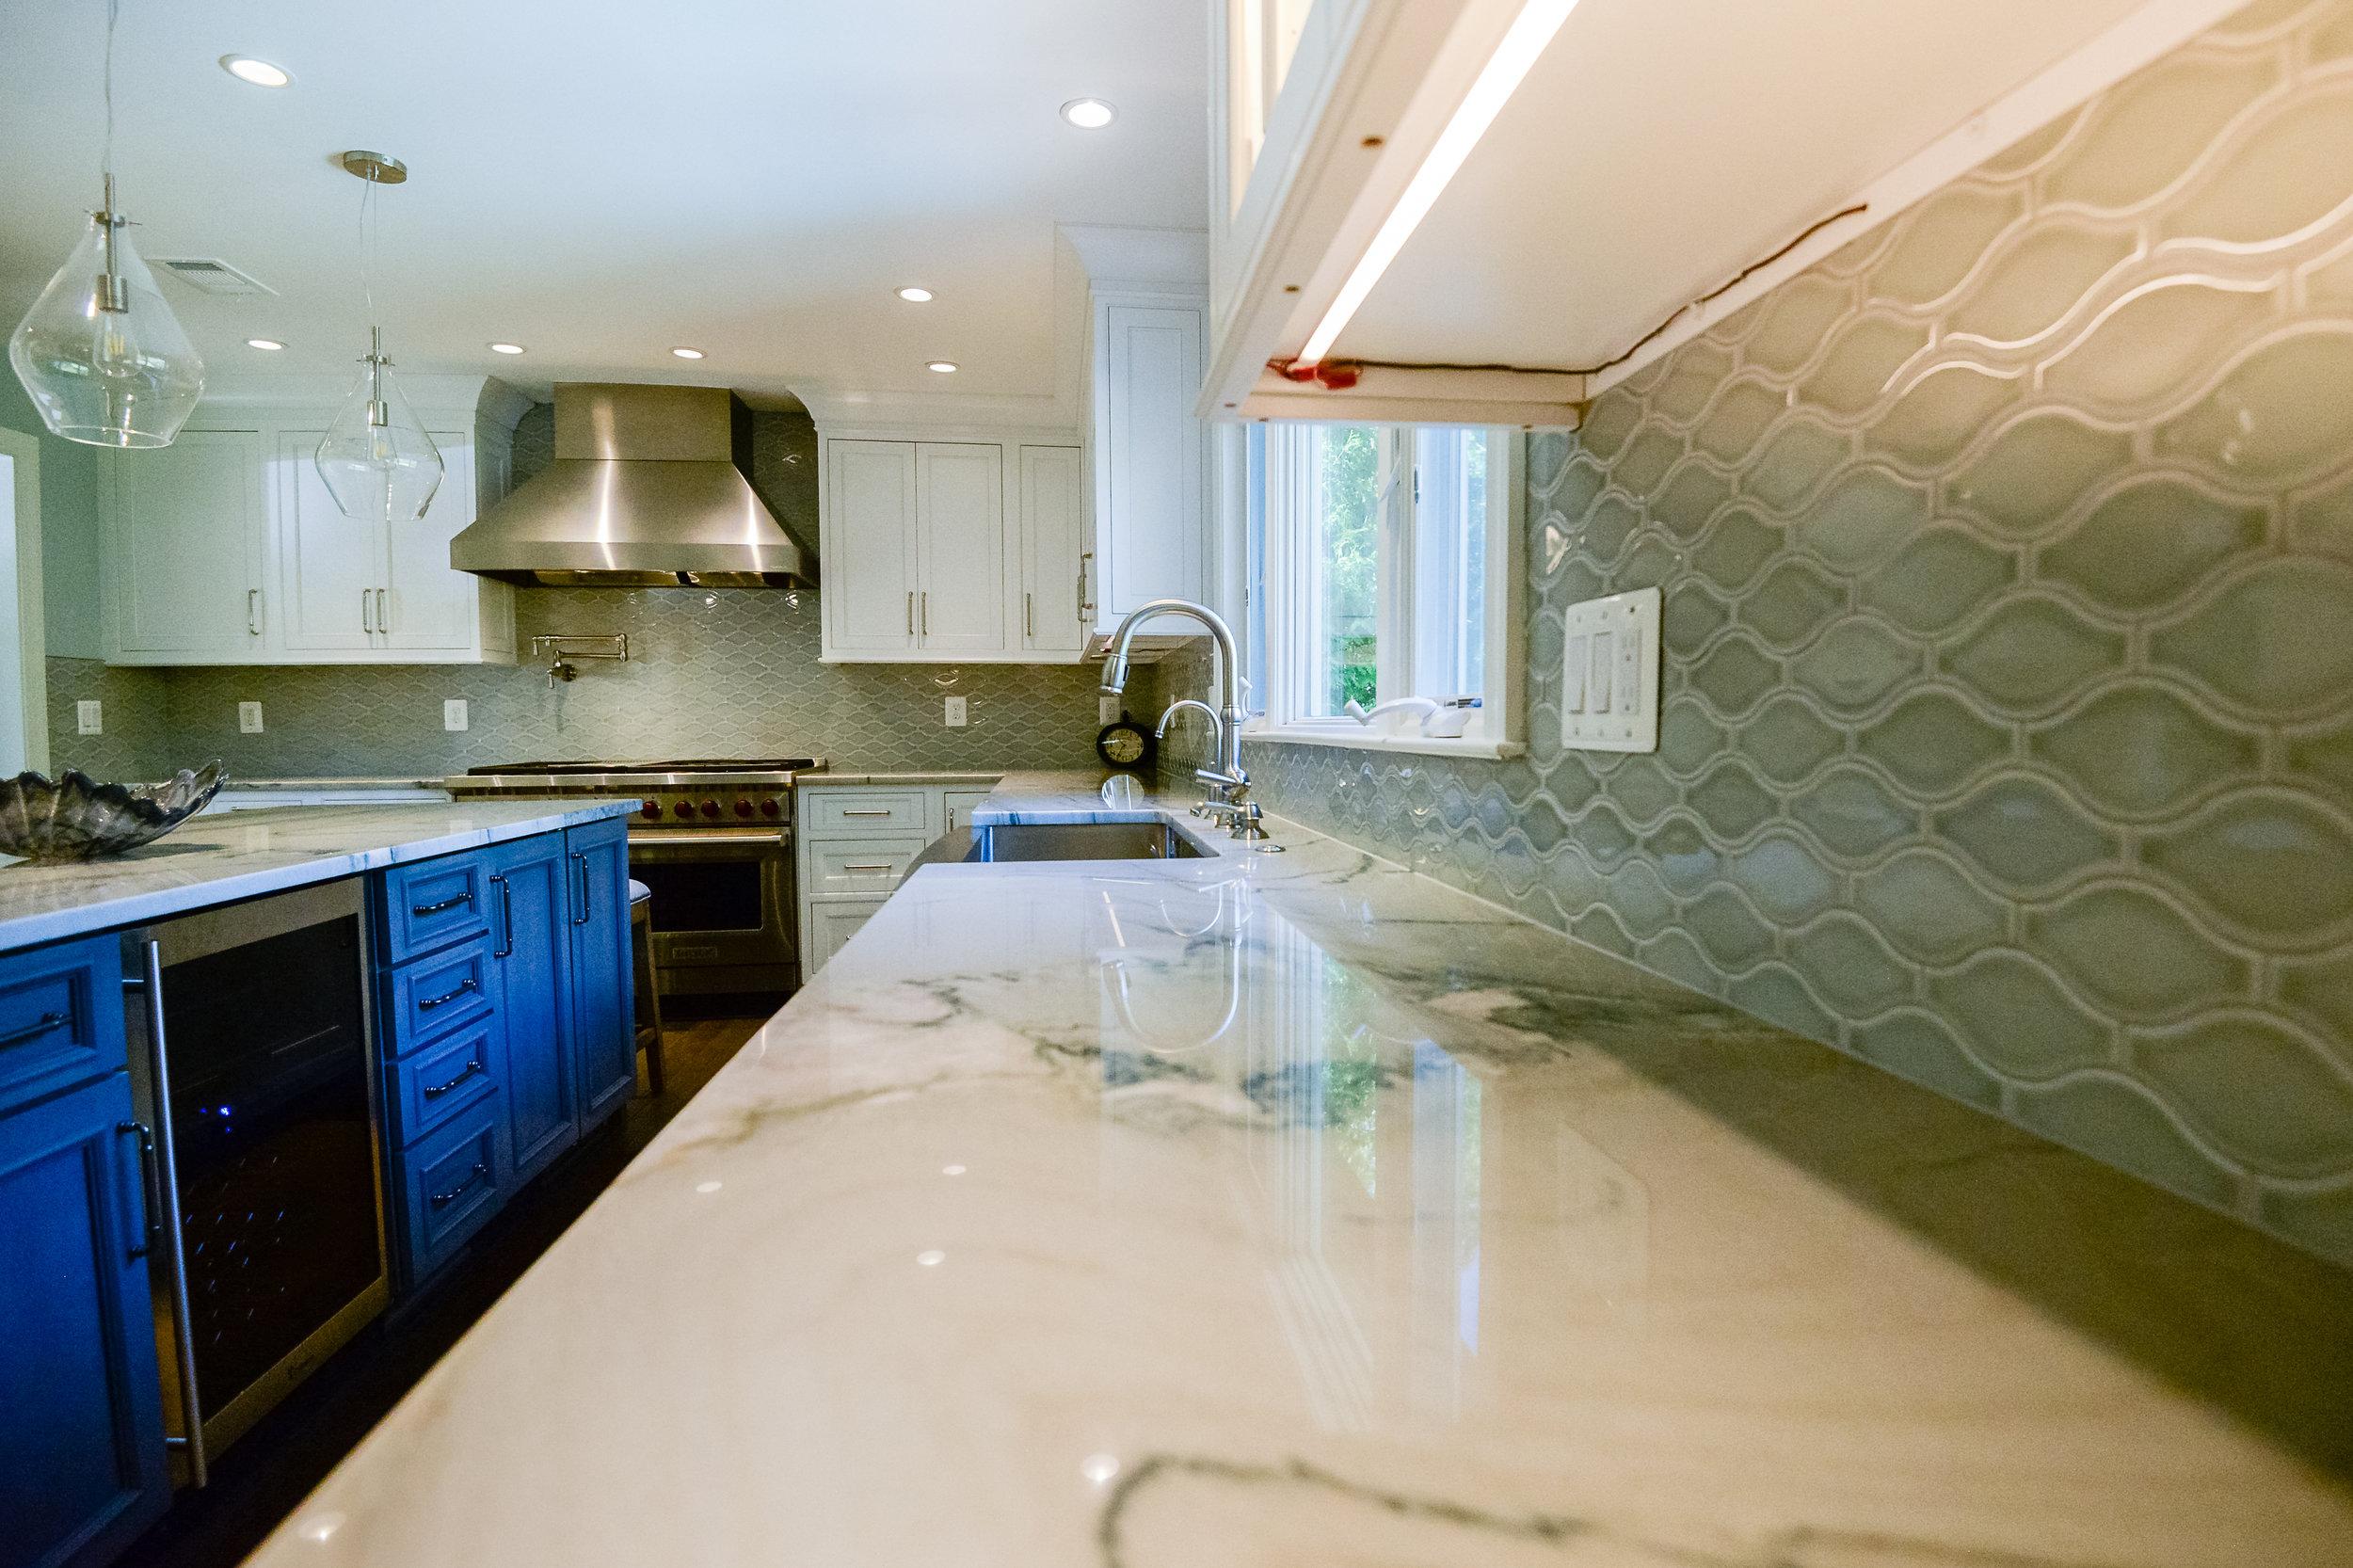 10-30-17 tedder kitchen-4.JPG